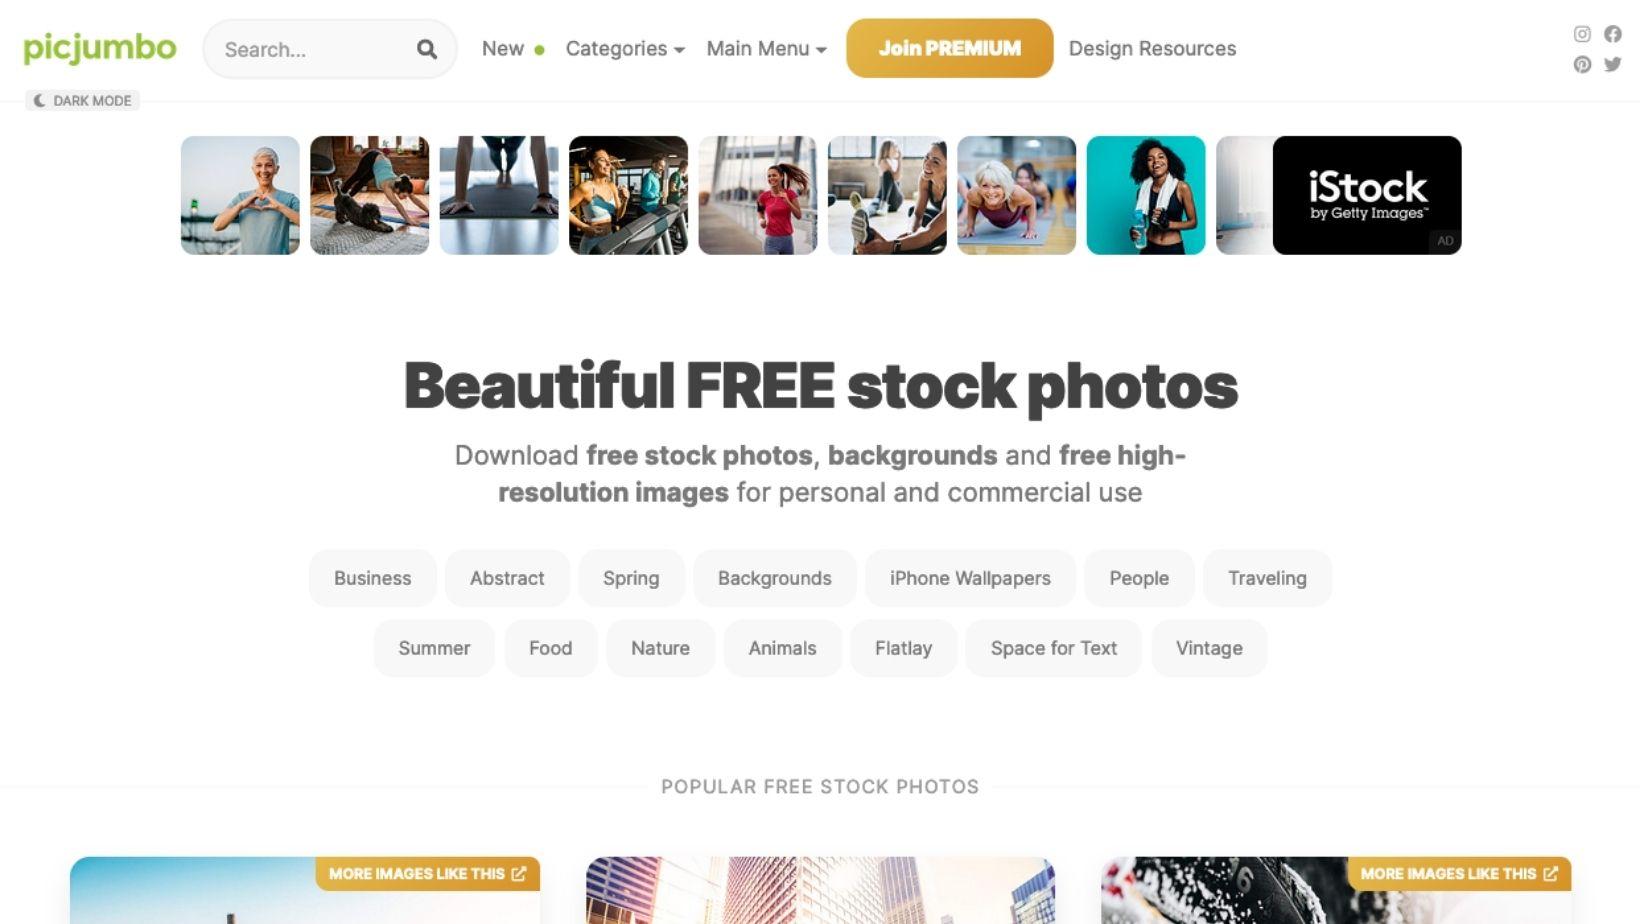 Ou trouver des images libres de droits sur internet - picjumbo